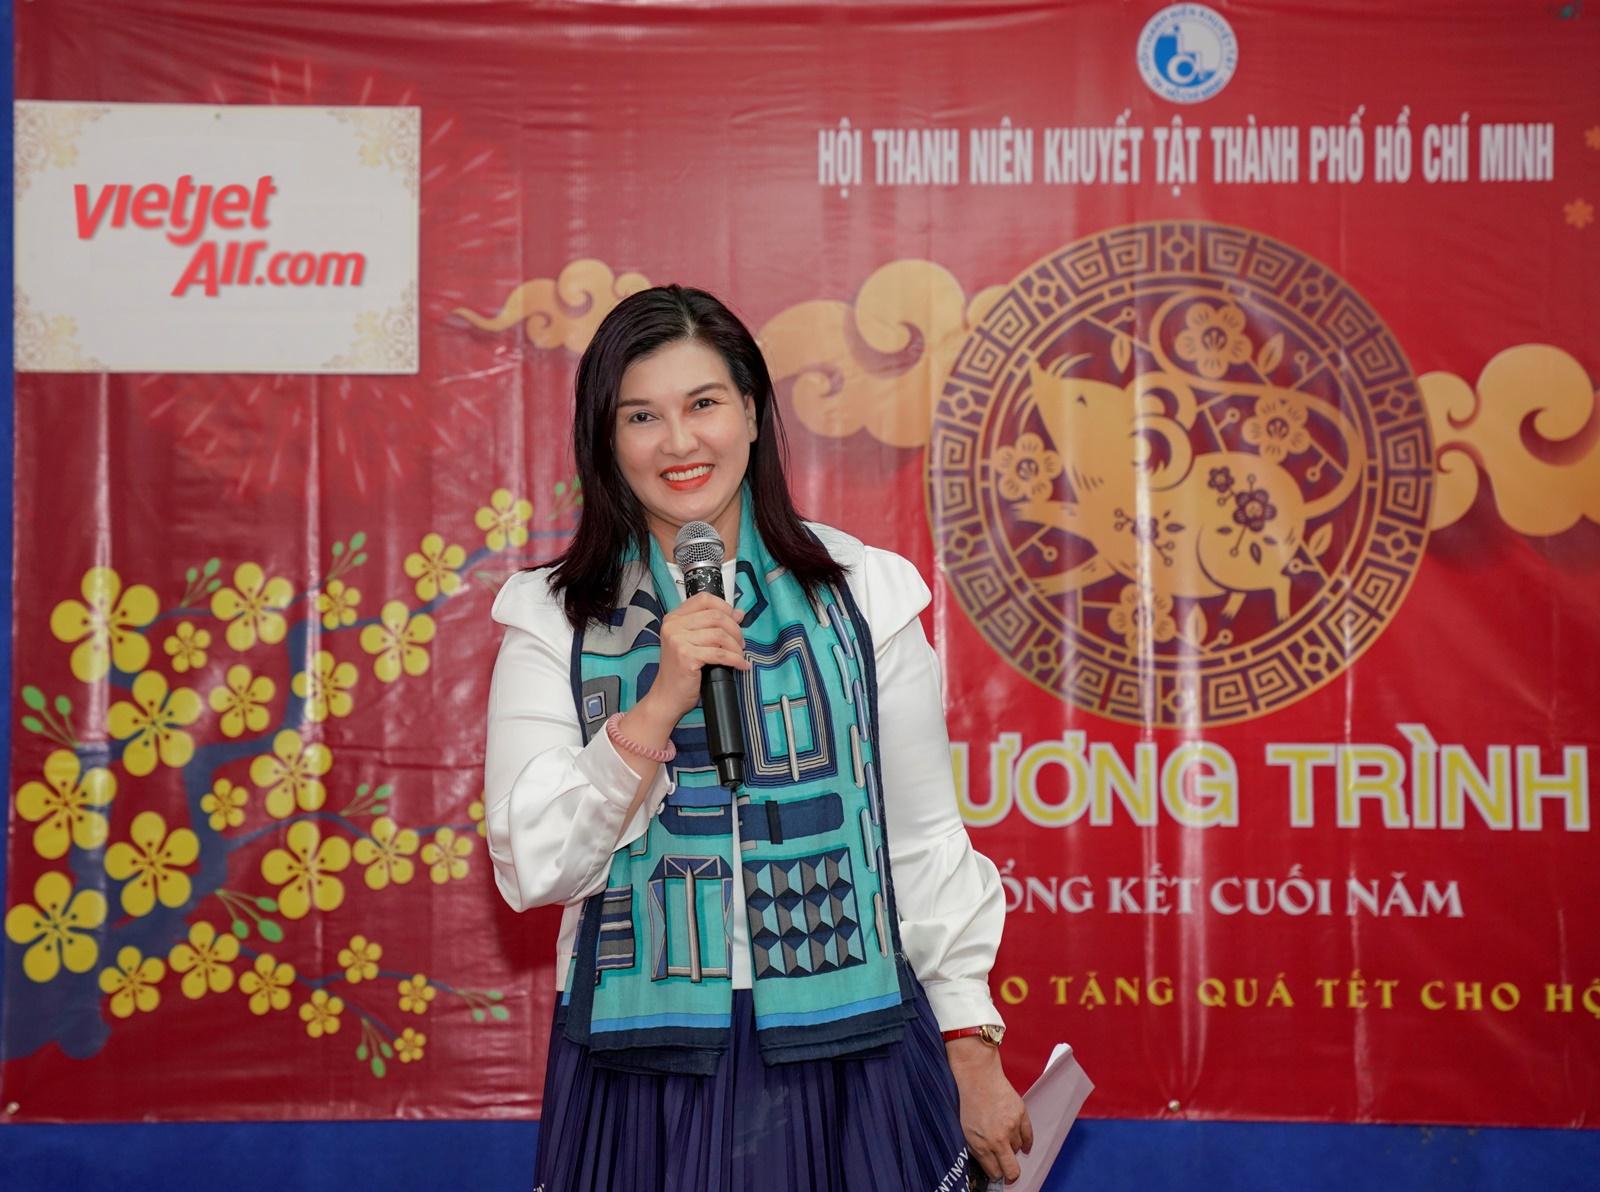 Phó tổng giám đốc Vietjet Hồ Ngọc Yến Phương chia sẻ quá trình đồng hành cùng Hội Thanh niên khuyết tật TP.HCM